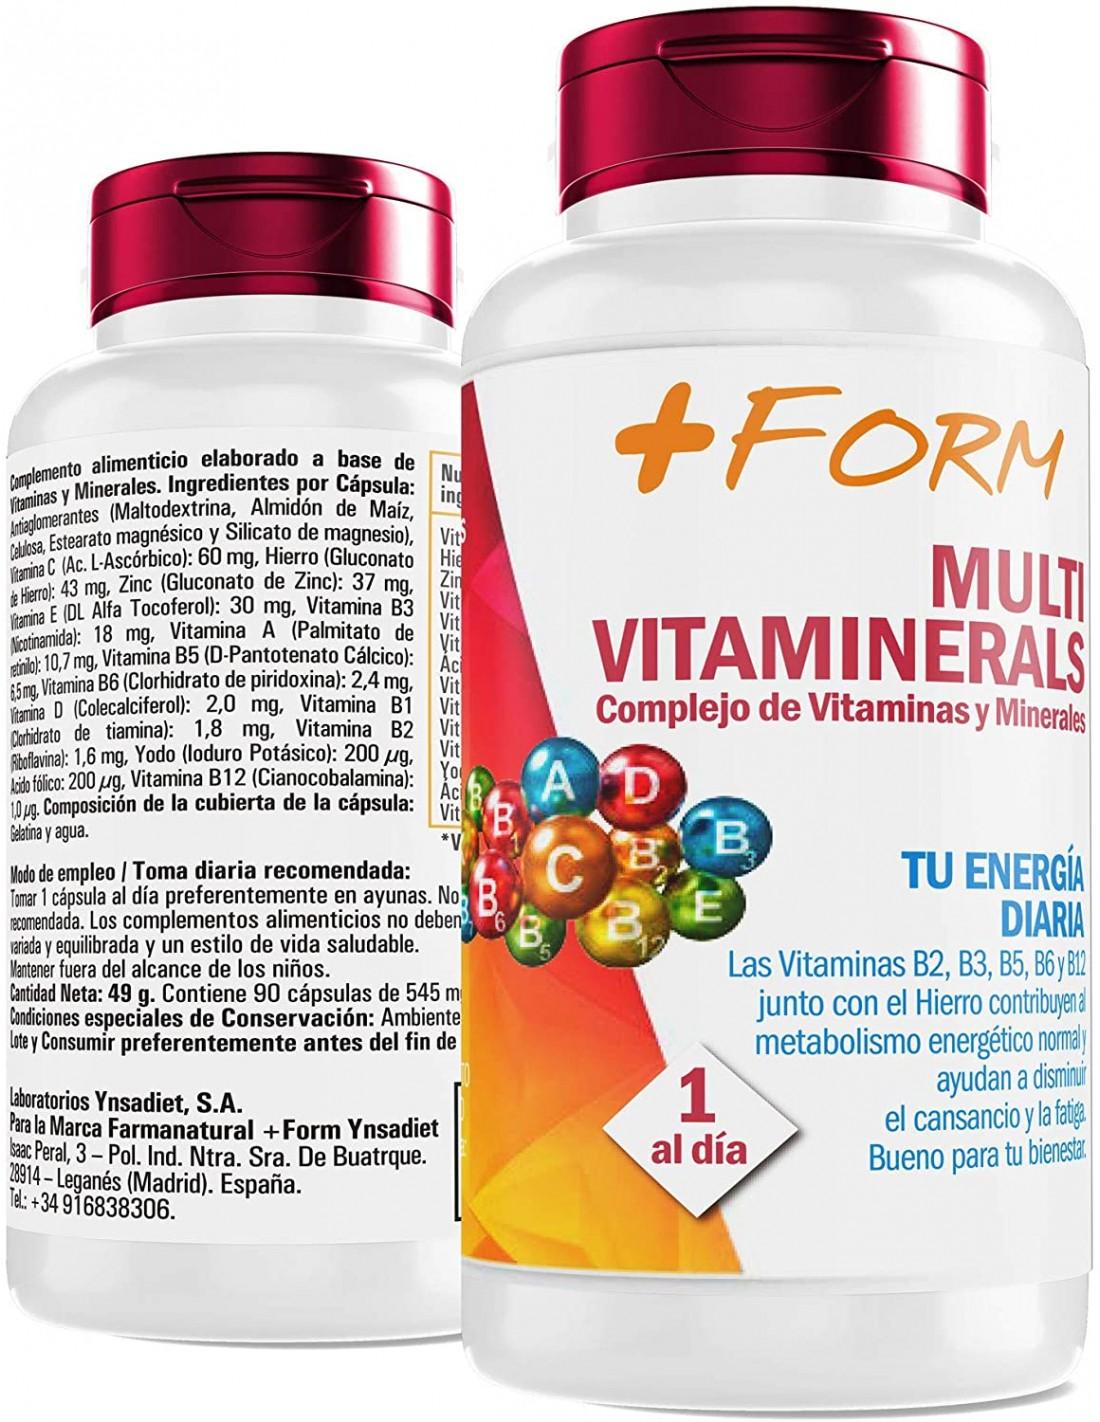 anemia.hierro y vitamina b12